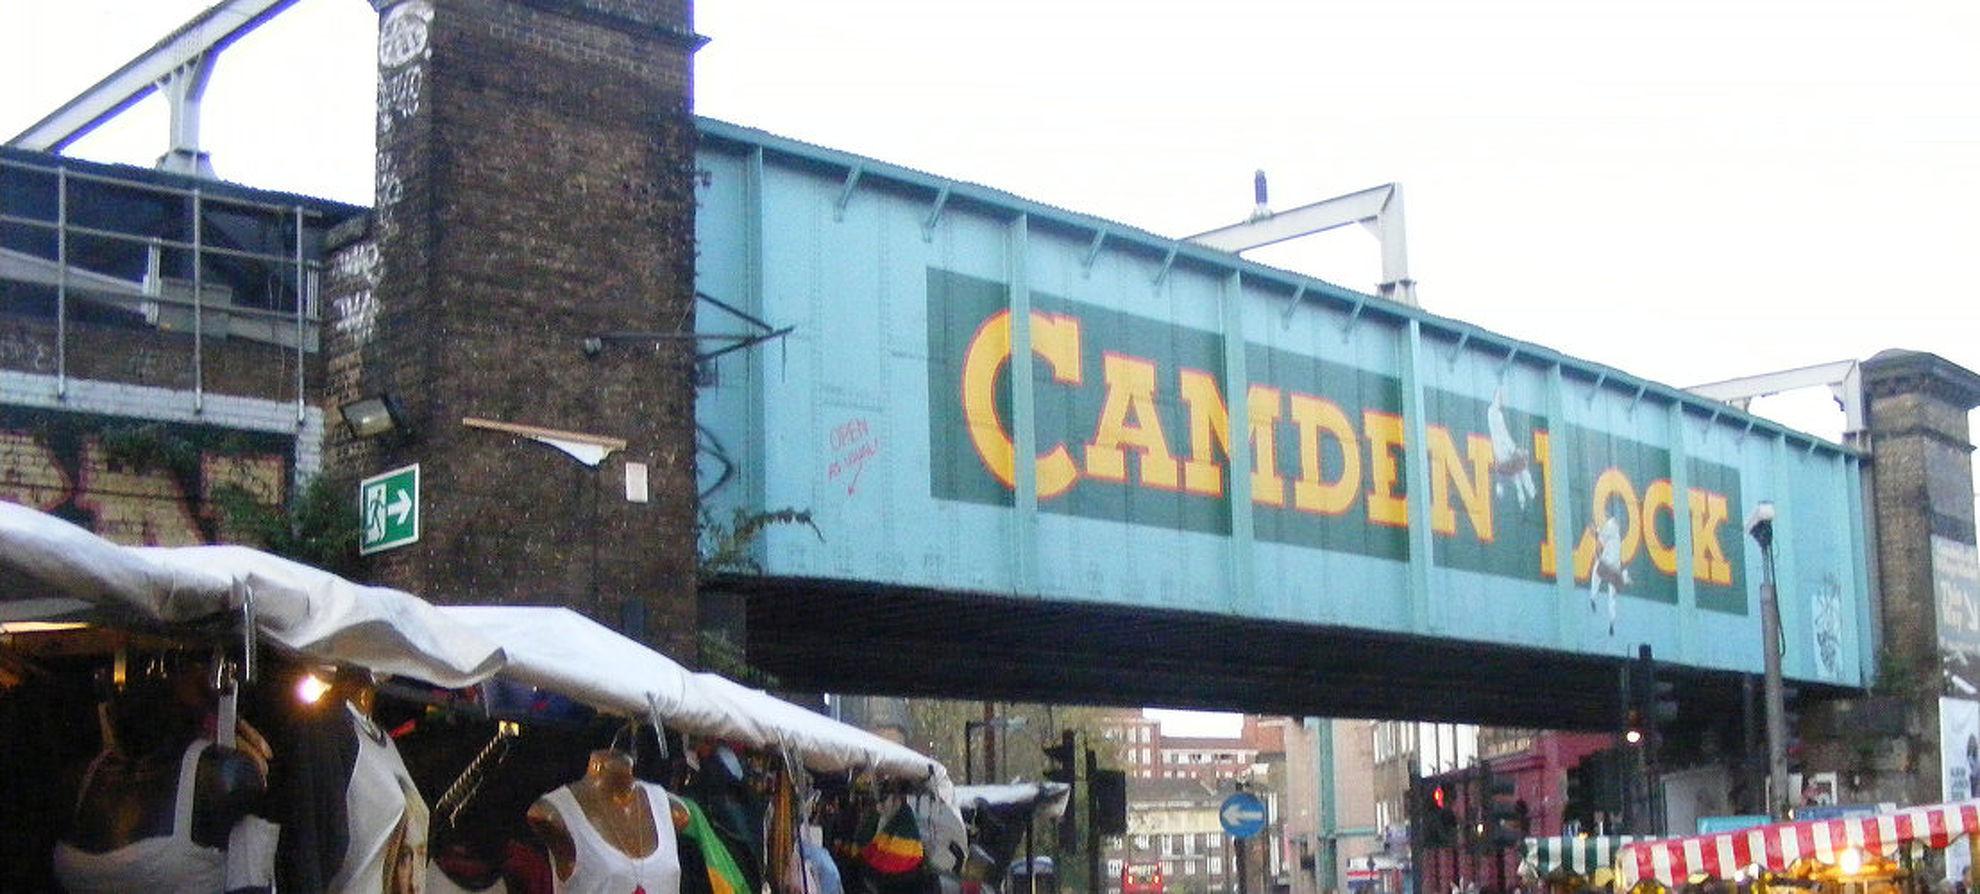 Explore Camden